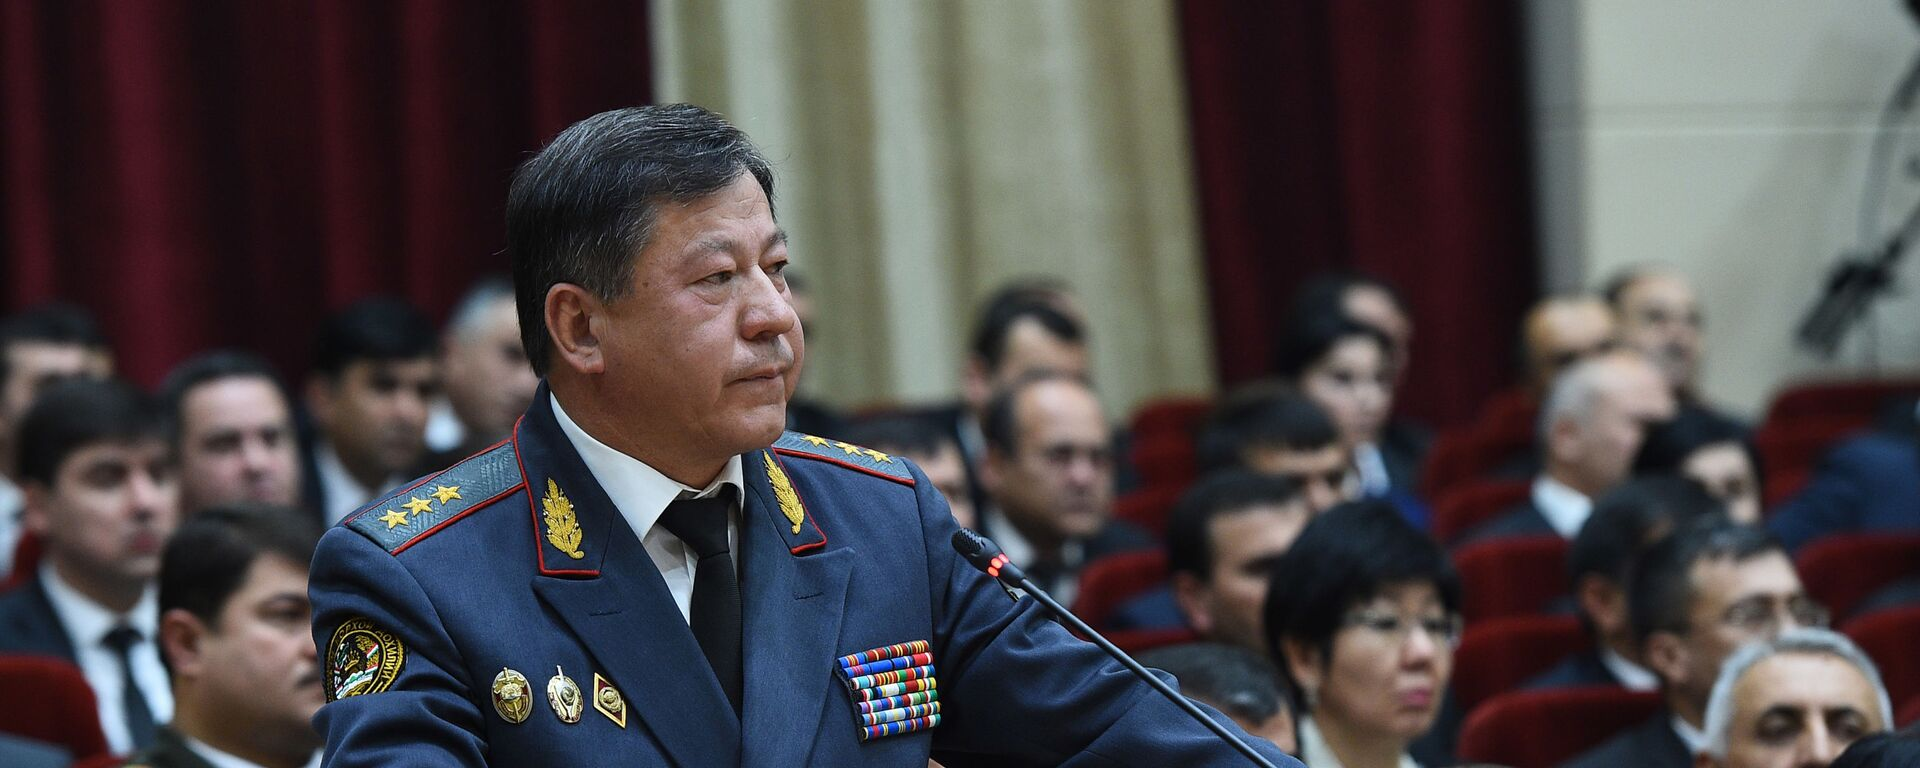 Рамазон Рахимзода, министр внутренних дел Таджикистана - Sputnik Таджикистан, 1920, 25.08.2021